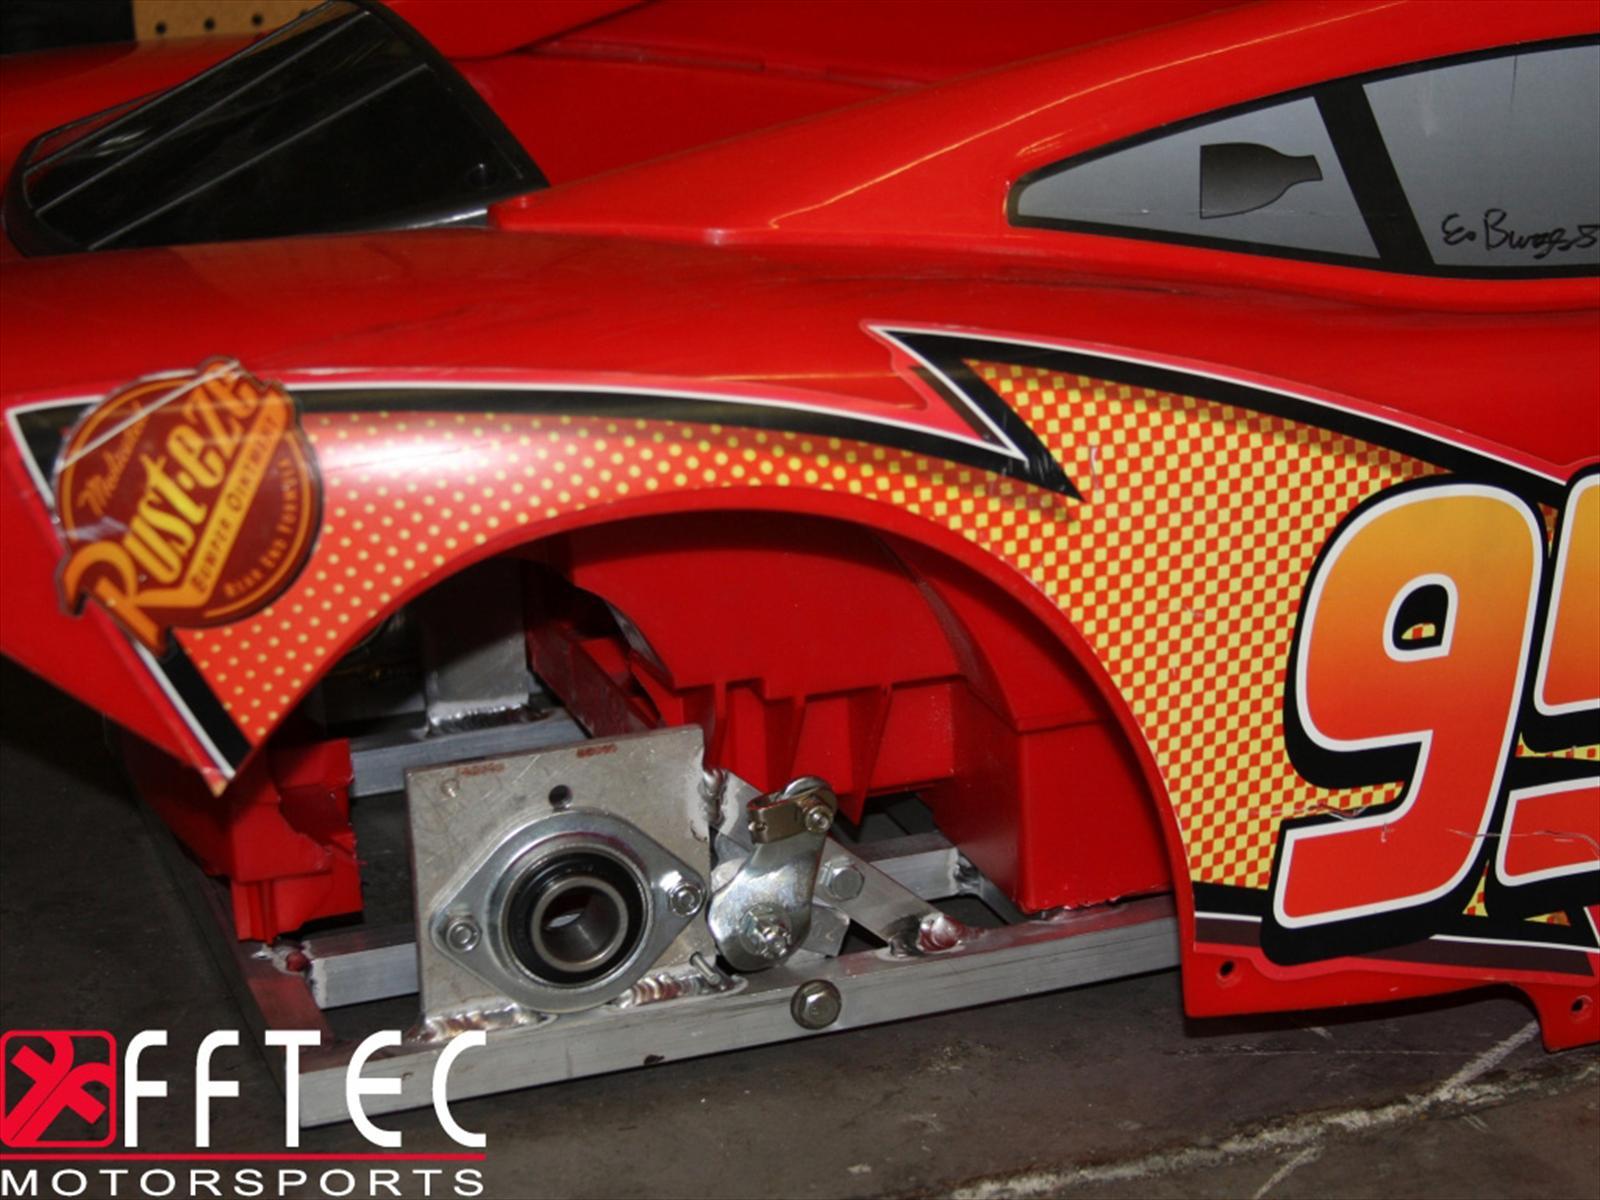 Chevrolet Trailblazer Na Cor Cinza additionally Watch further Mini Camaro E Destaque Na Chevrolet Fan Store also Prueba Del Sensor De La Posicion Del Ciguenal 1 besides 24 Dub Wheels Baller S115 Chrome Rims. on chevrolet trailblazer 2012